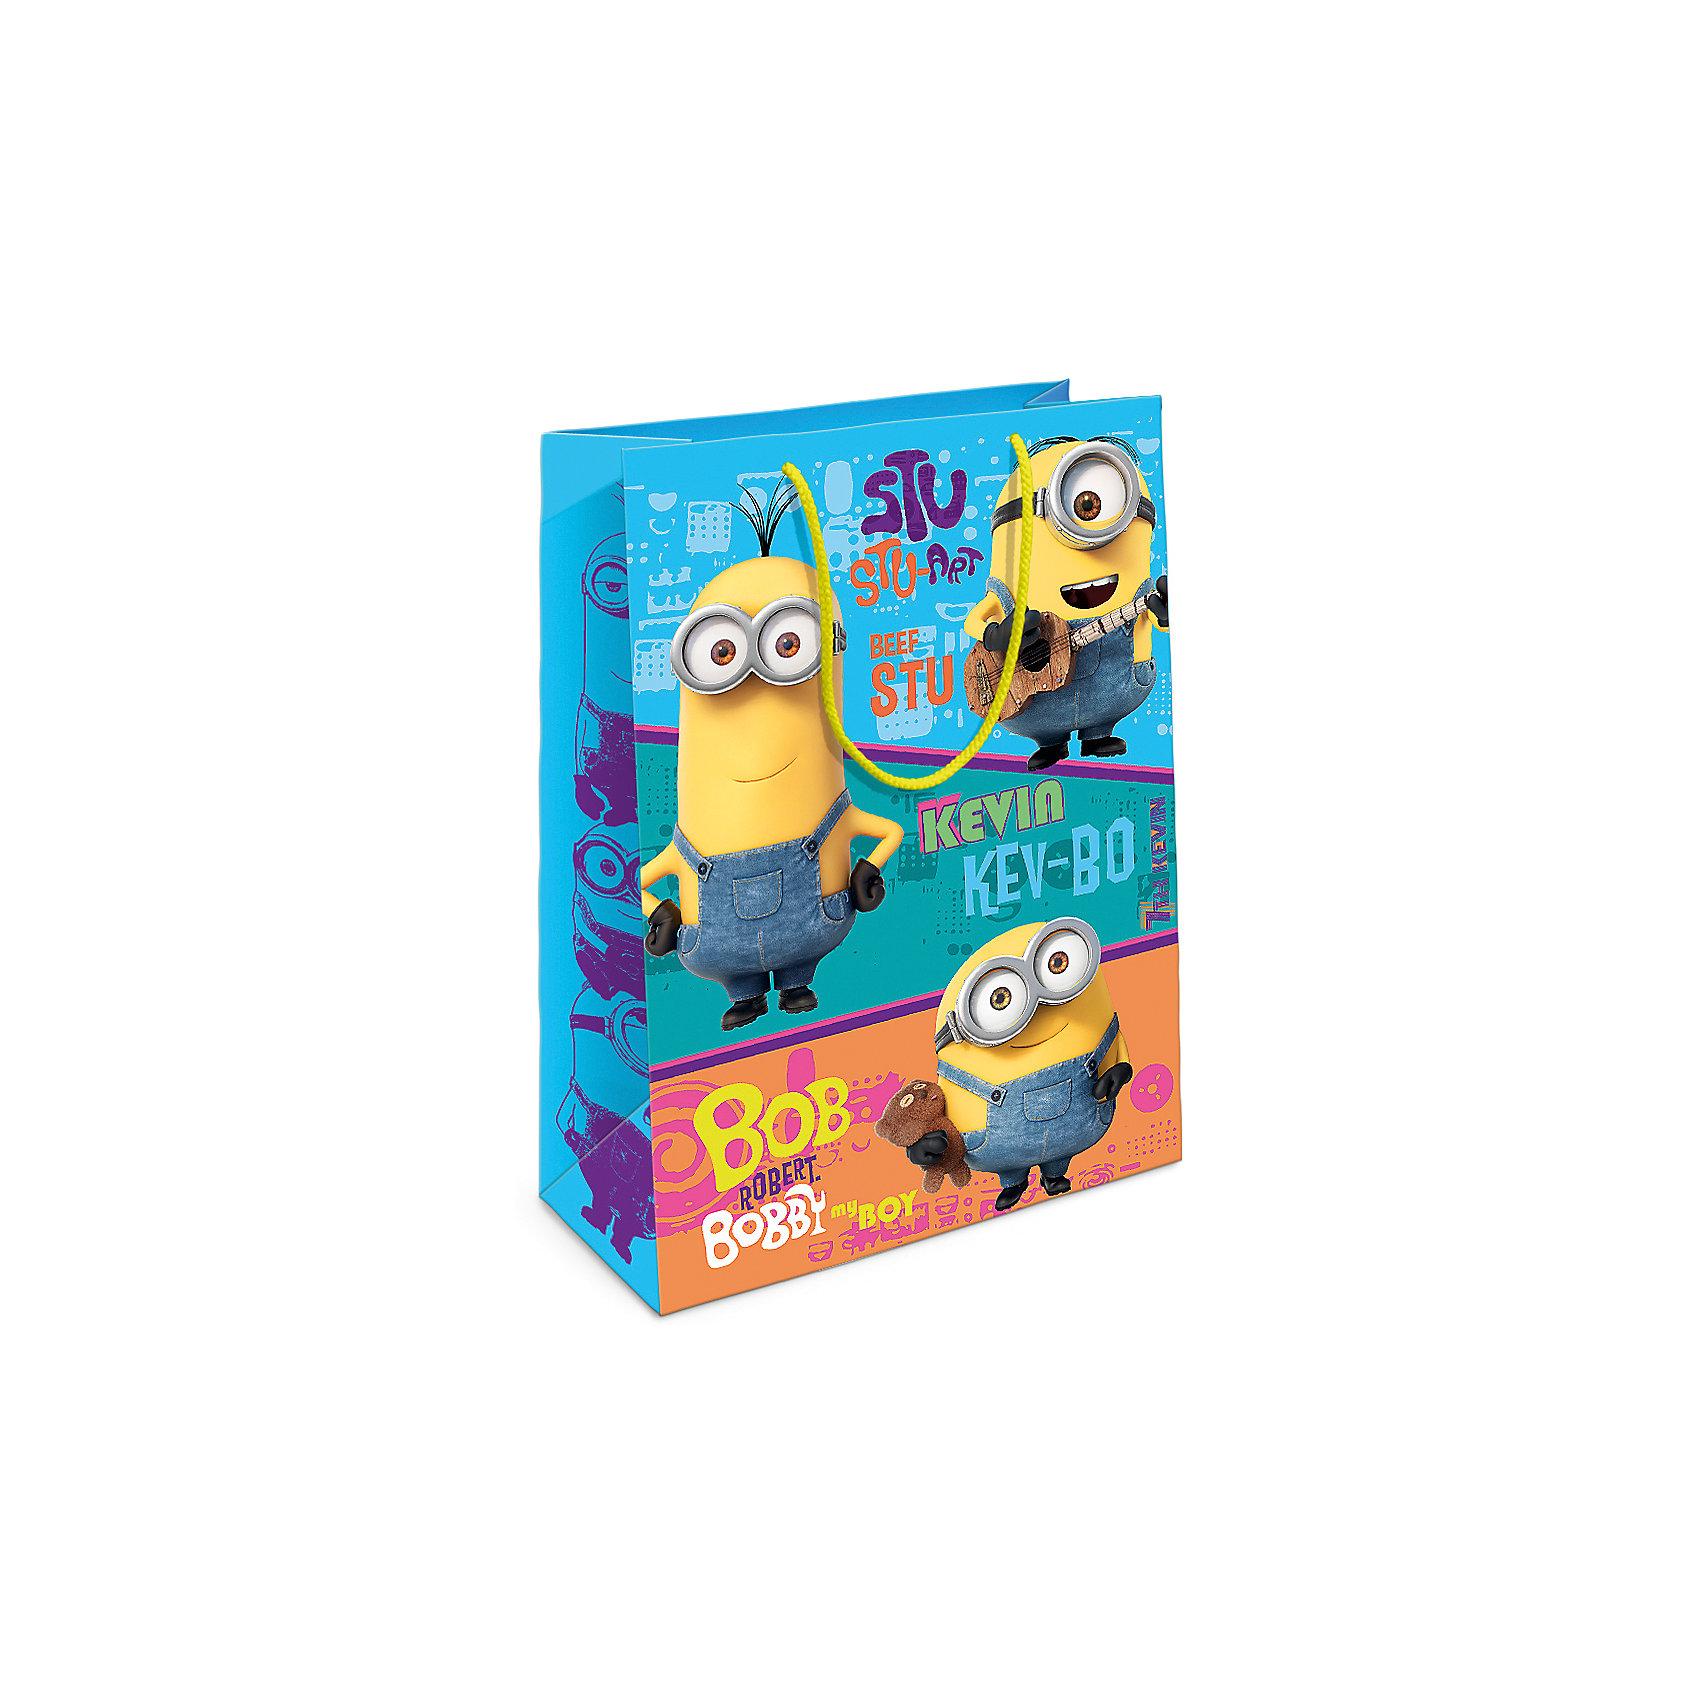 Пакет подарочный Миньоны-друзья,350*250*90Всё для праздника<br>Яркий подарочный пакет с любимыми героями – это отличный способ украсить подарок для ребенка. Бумажный пакет «Миньоны-друзья» стильно преобразит ваш подарок и поможет создать праздничную атмосферу. Размер бумажного подарочного пакета: 35х25х9 см. В ассортименте вы можете найти такой же пакет размером 23х18х10 см.<br><br>Ширина мм: 350<br>Глубина мм: 250<br>Высота мм: 3<br>Вес г: 63<br>Возраст от месяцев: 36<br>Возраст до месяцев: 120<br>Пол: Унисекс<br>Возраст: Детский<br>SKU: 5016461